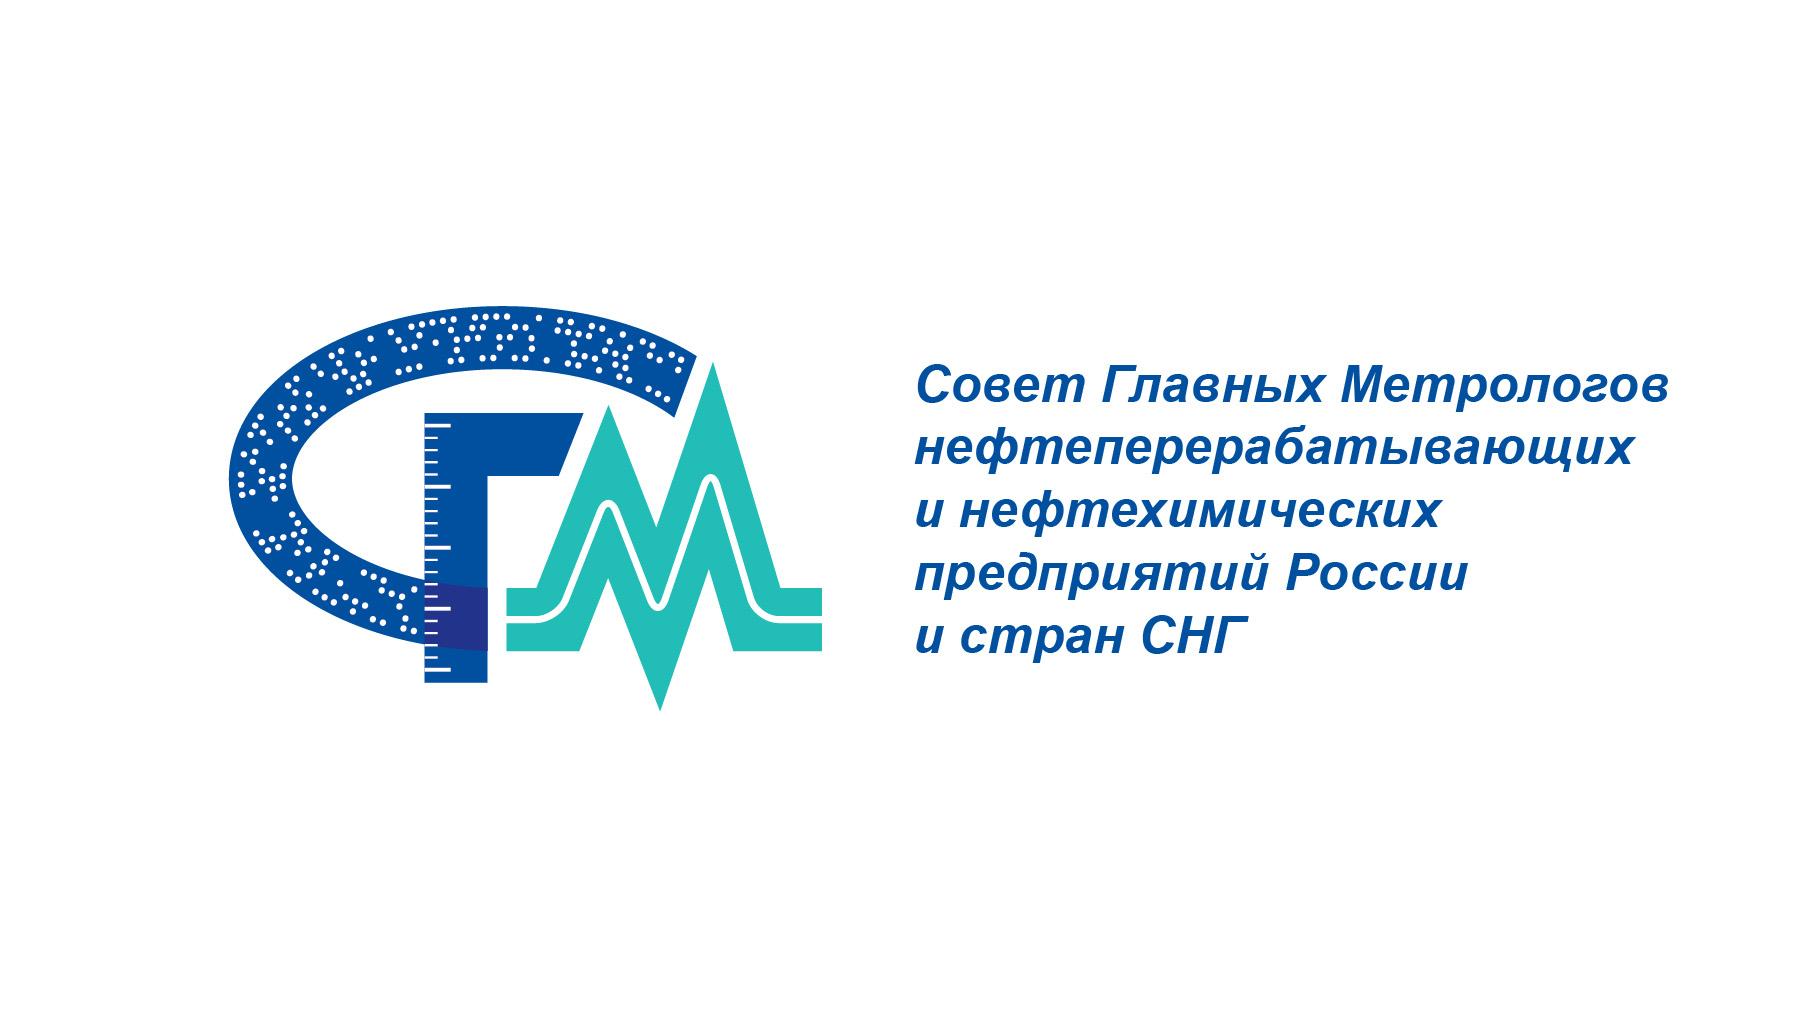 Ежегодное совещание главных метрологов нефтеперерабатывающих и нефтехимических предприятий России и СНГ